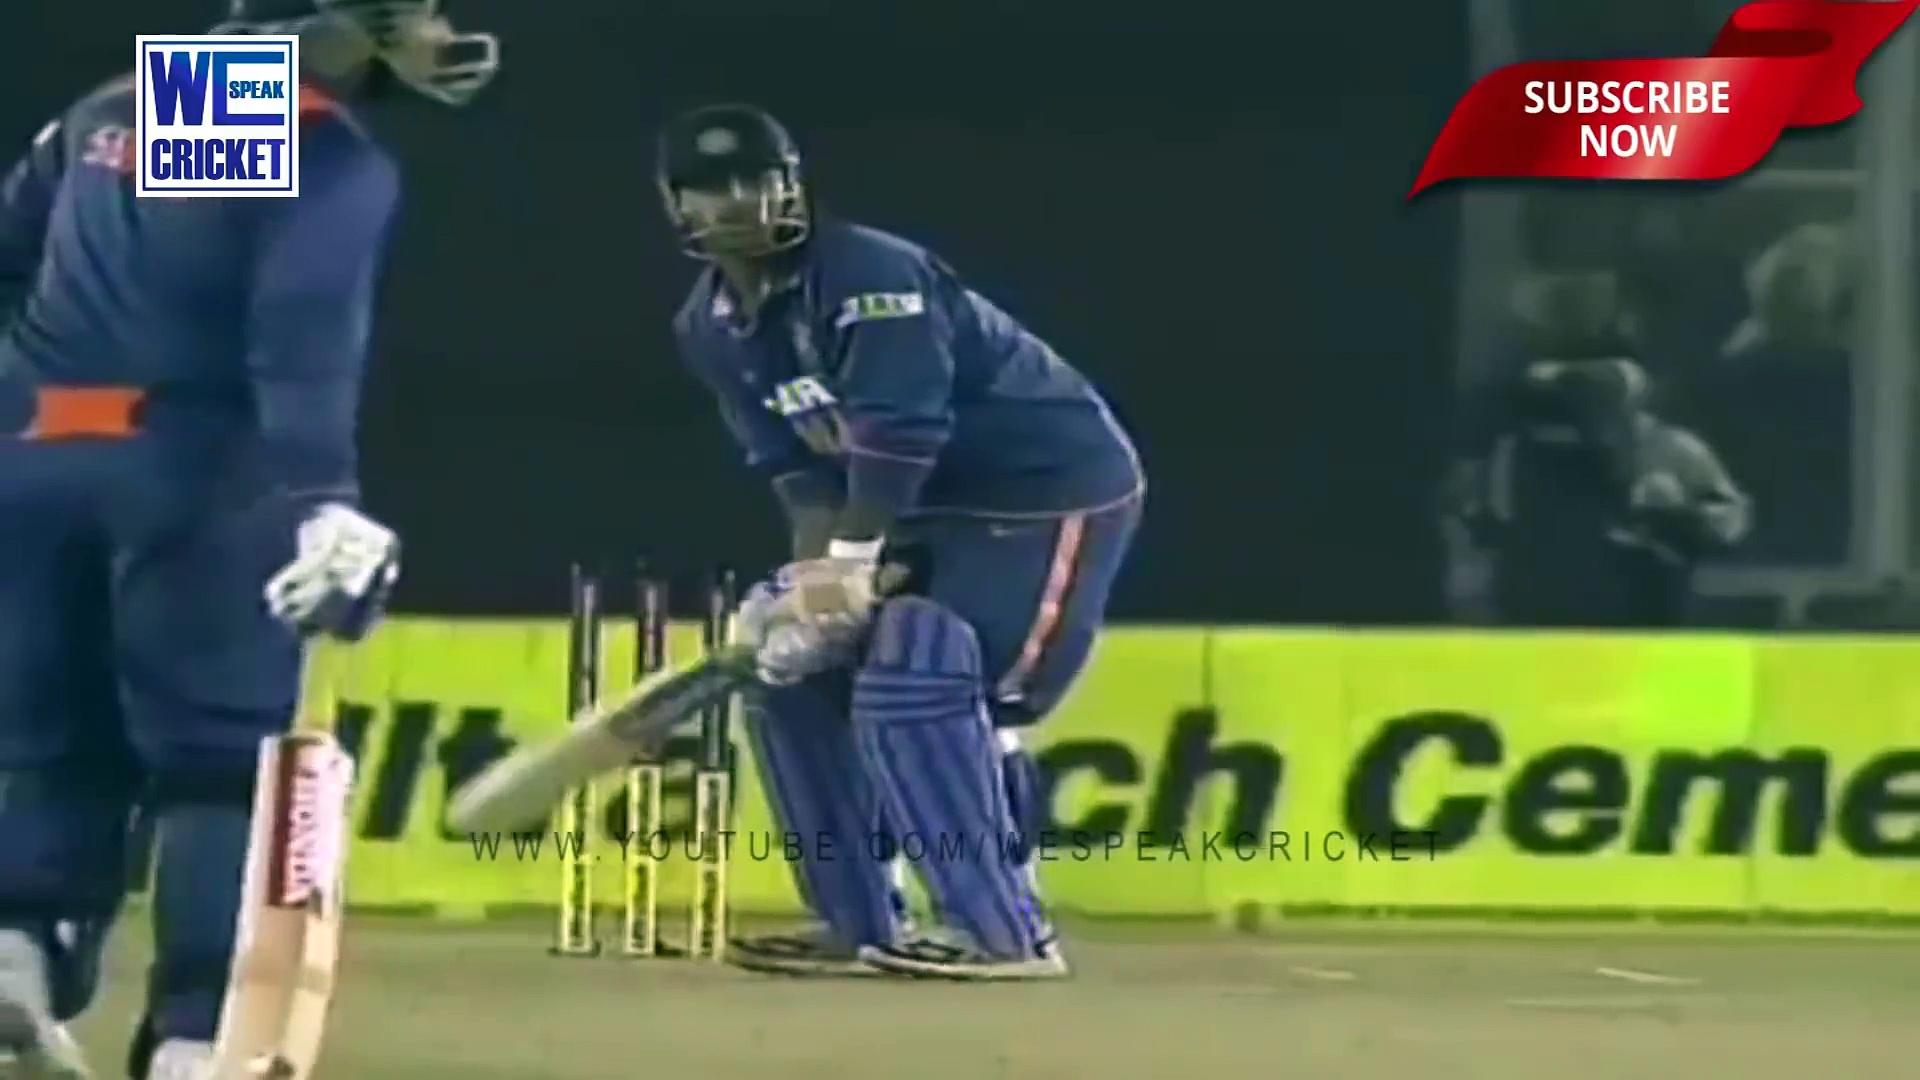 T20 ► India need 207 runs to win    India vs SL   